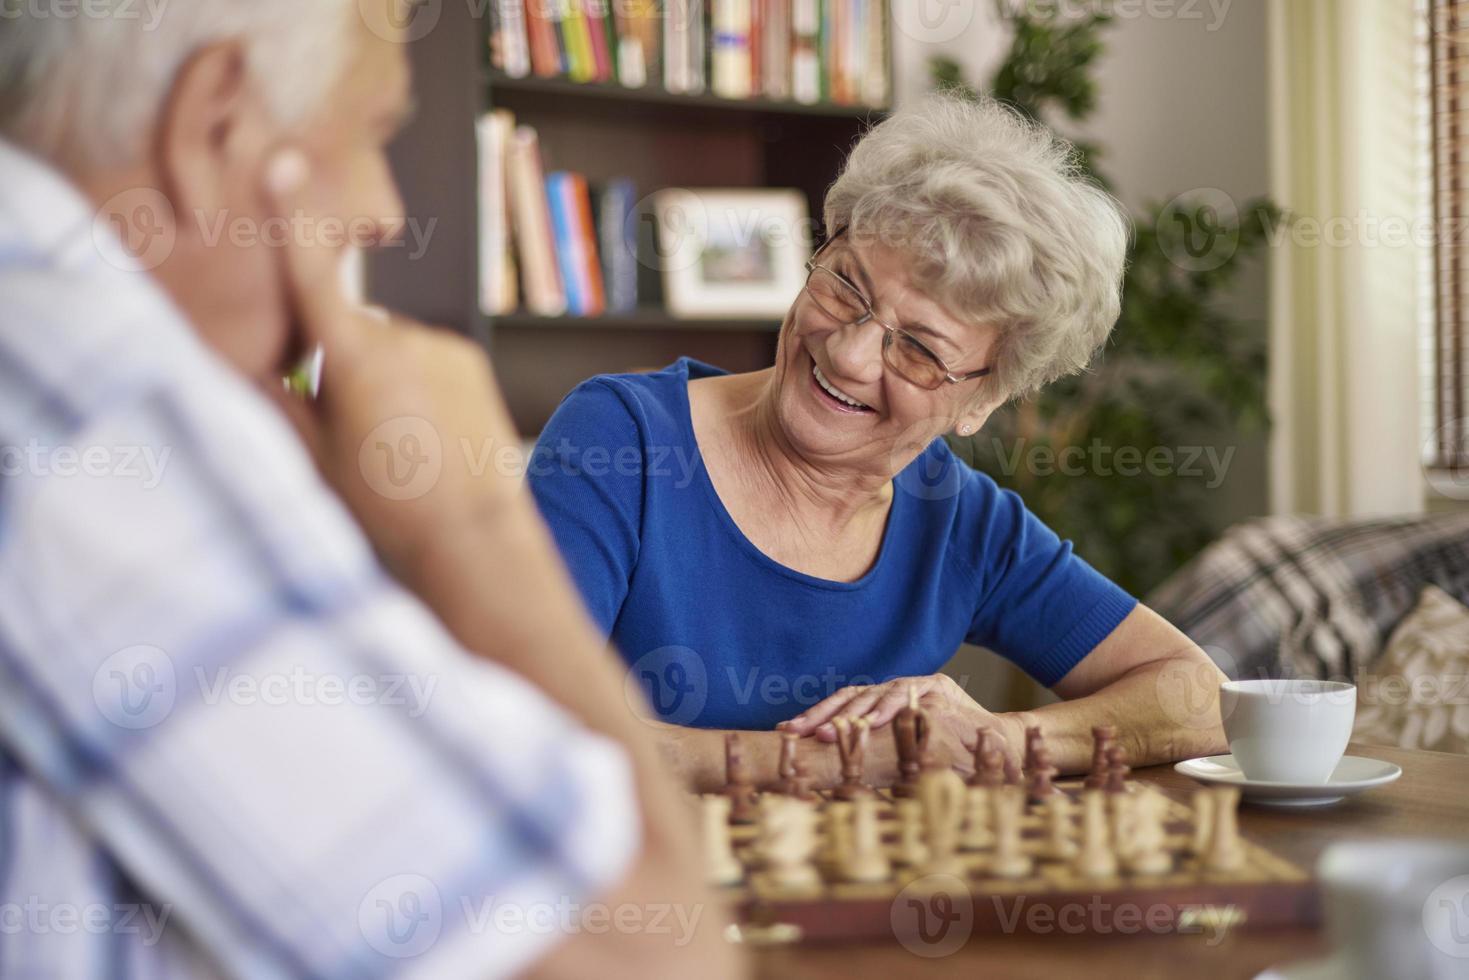 giocare a scacchi è un buon modo per rilassarsi foto